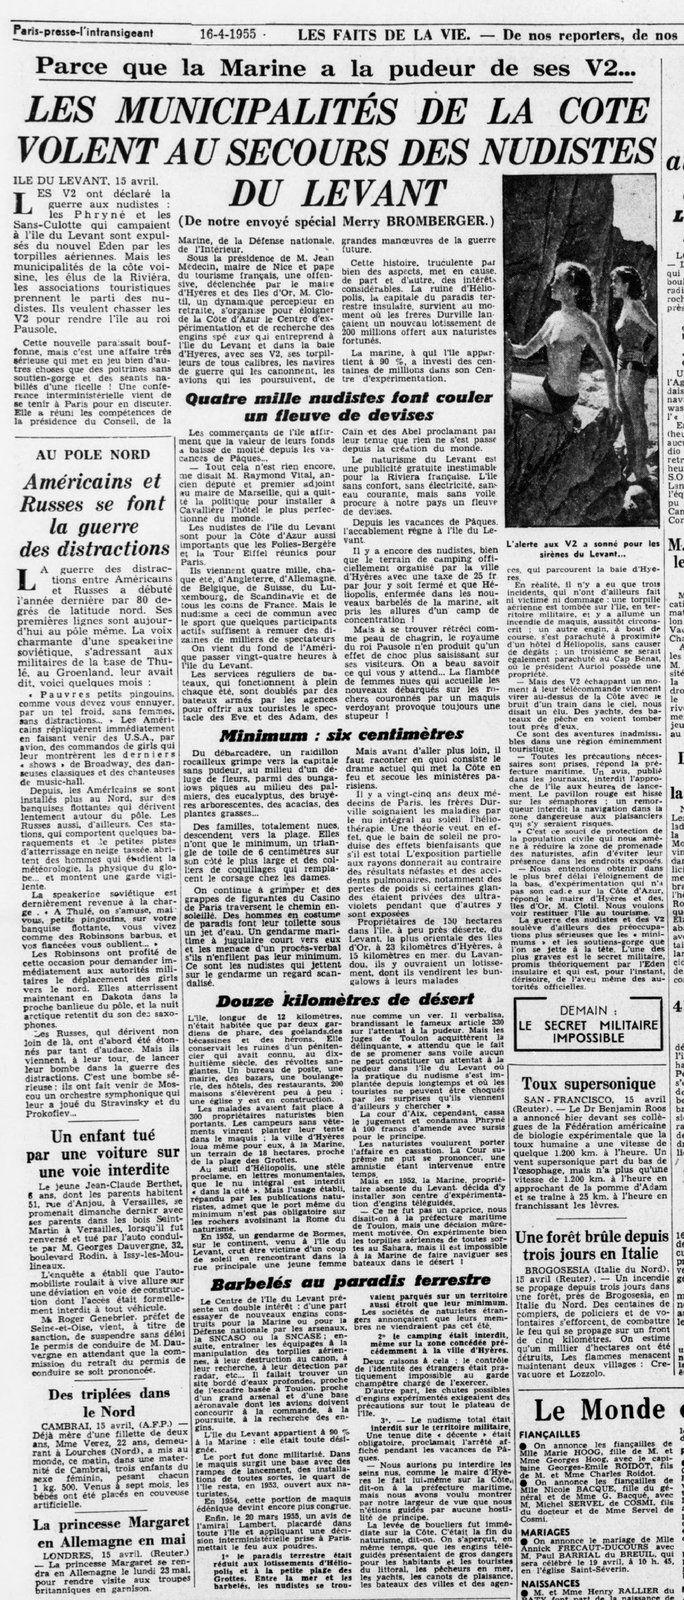 1955 : La Marine et les nudistes du Levant 1/2